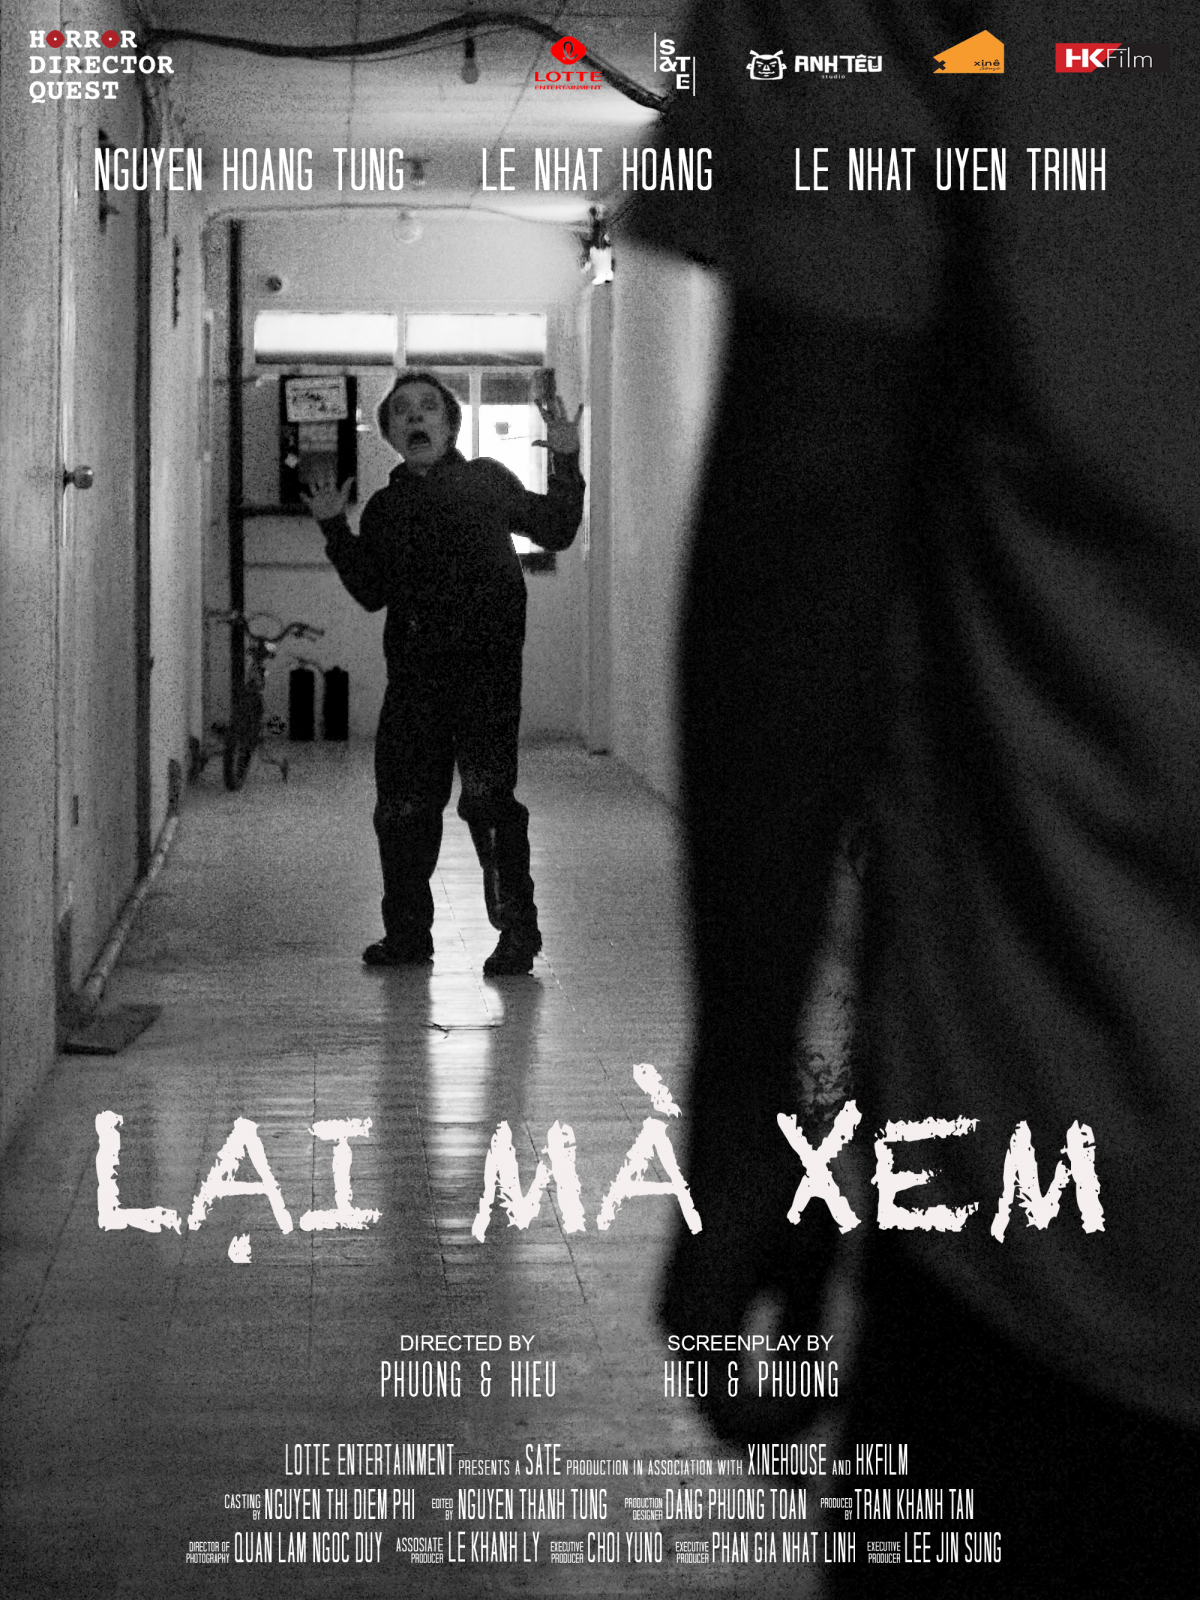 Lại mà xem - tác phẩm của hai đạo diễnLê Phương và Nguyễn Phước Hiếu.